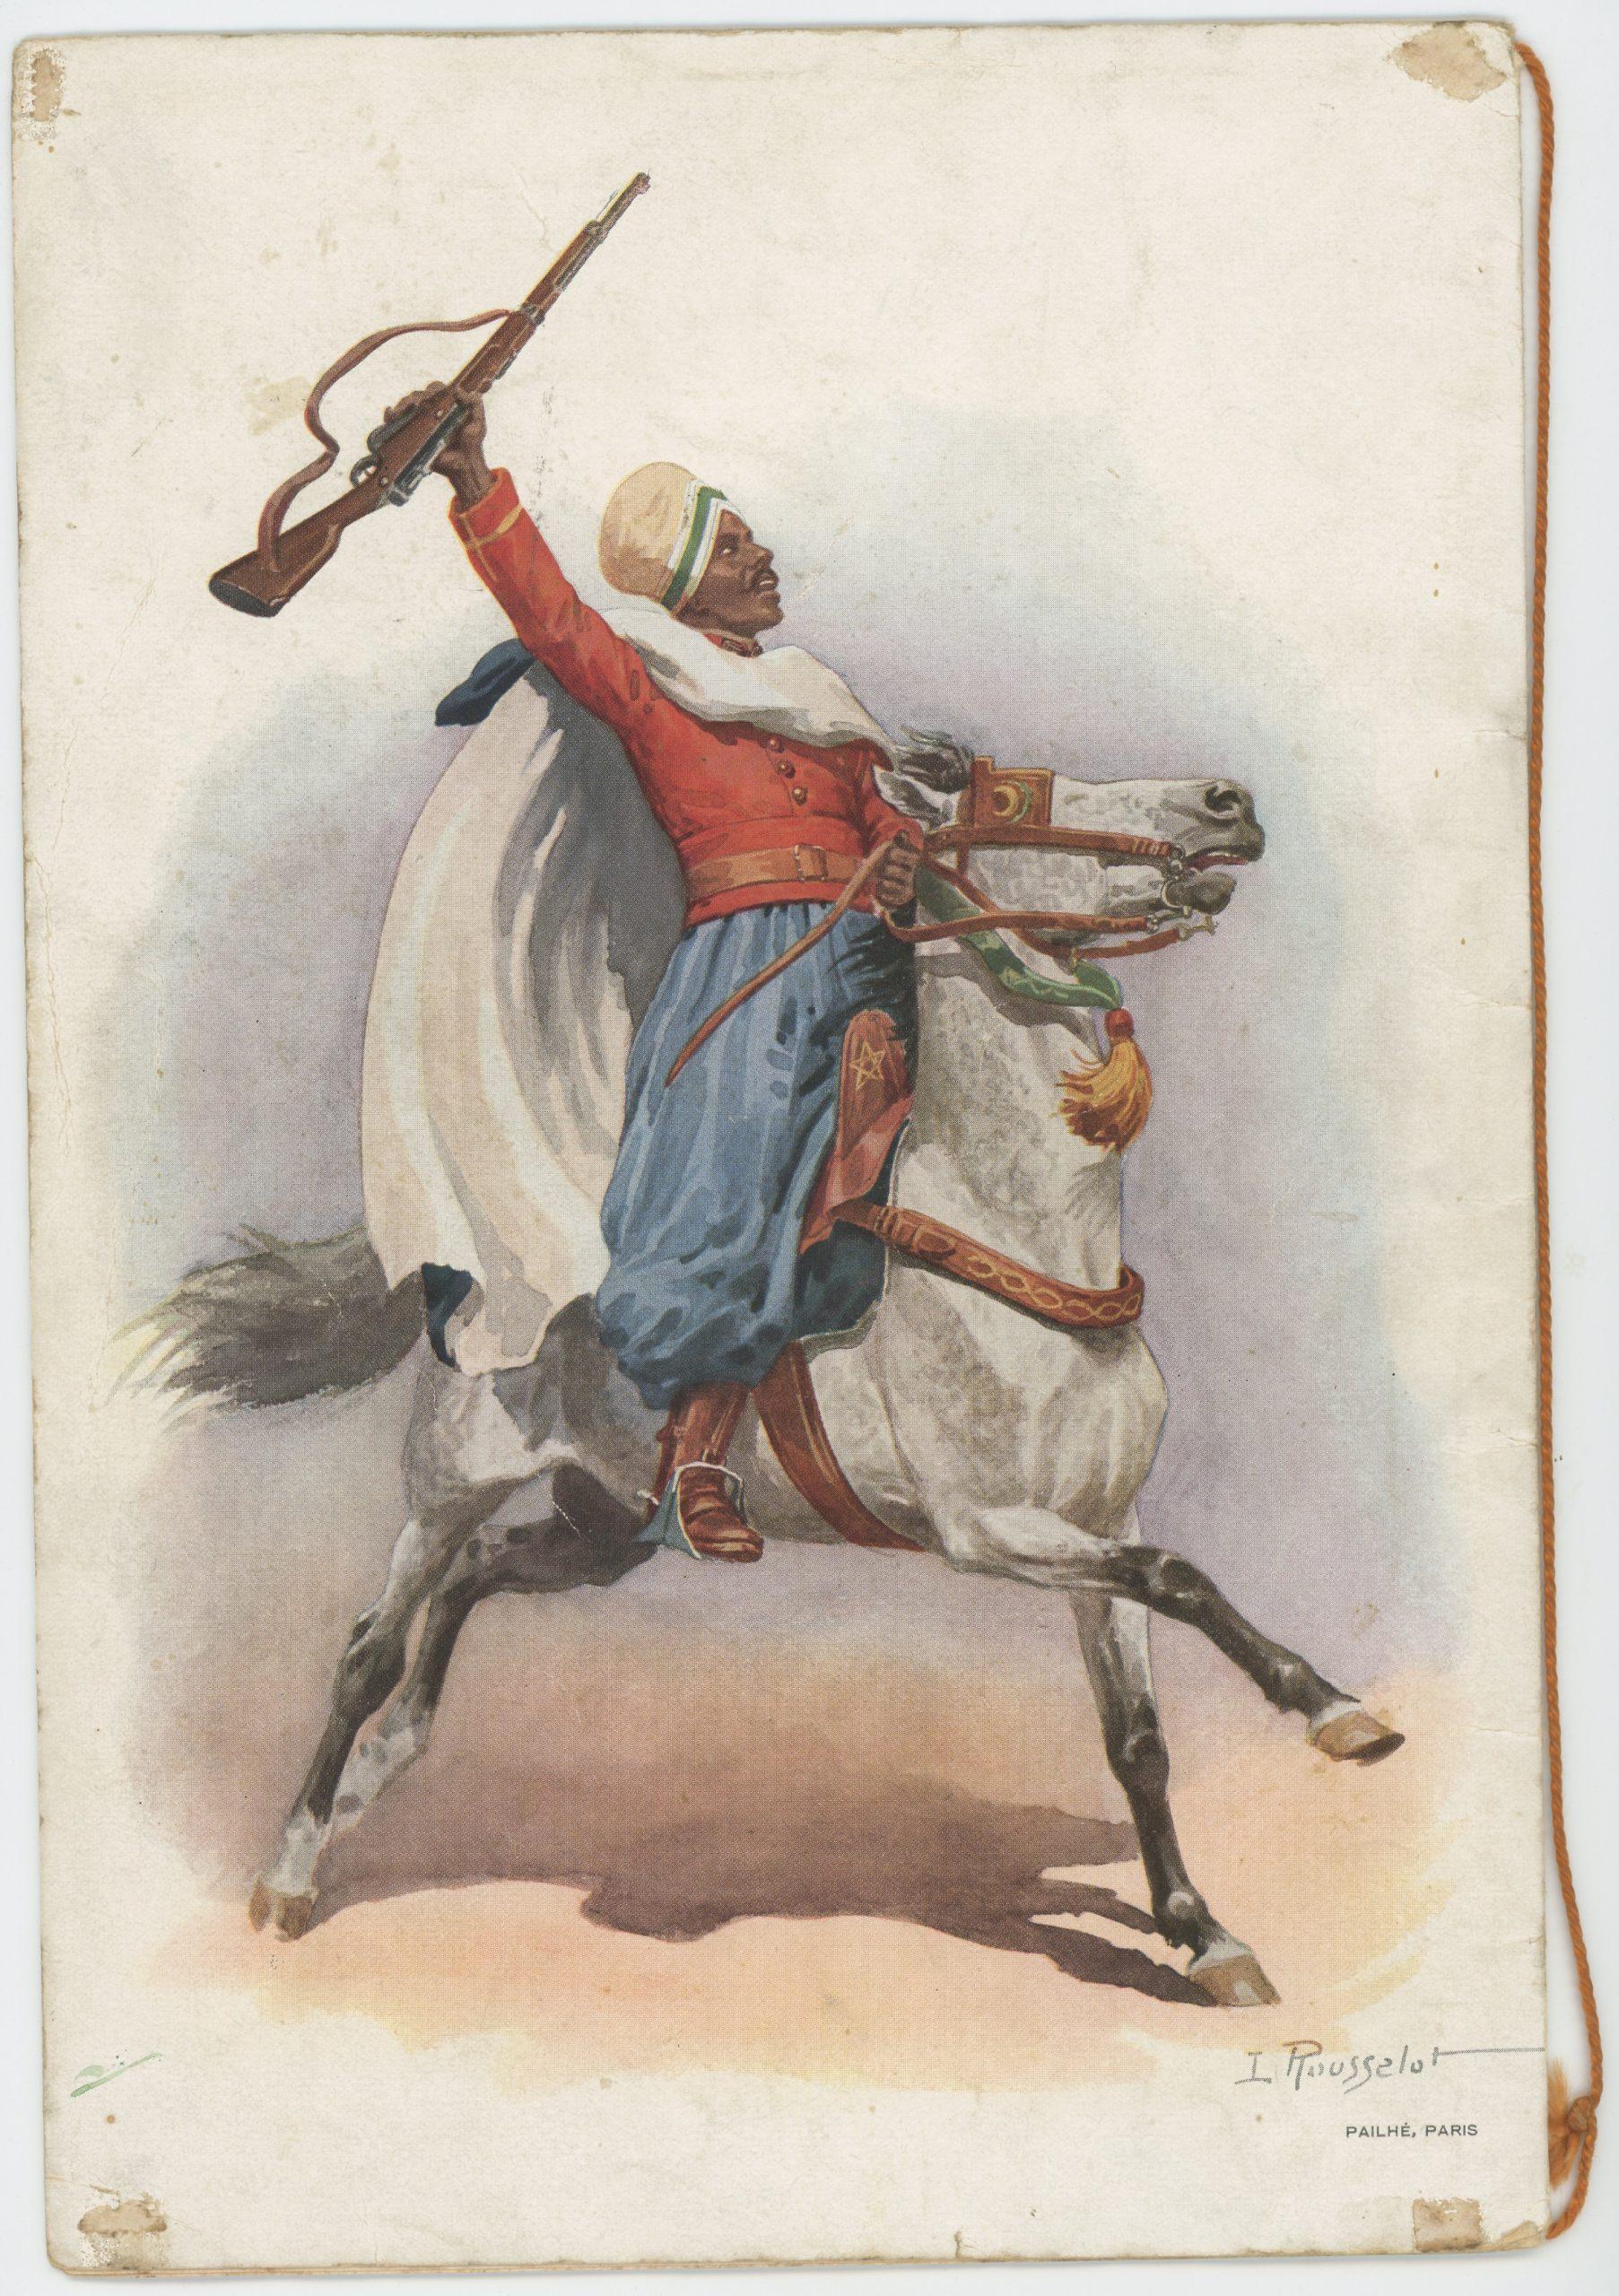 Programme Concours Hippique de Paris 1936 - Société Hippique Française - Cheval de Guerre - Illustration Lucien Rousselot - Hussard - Spahis